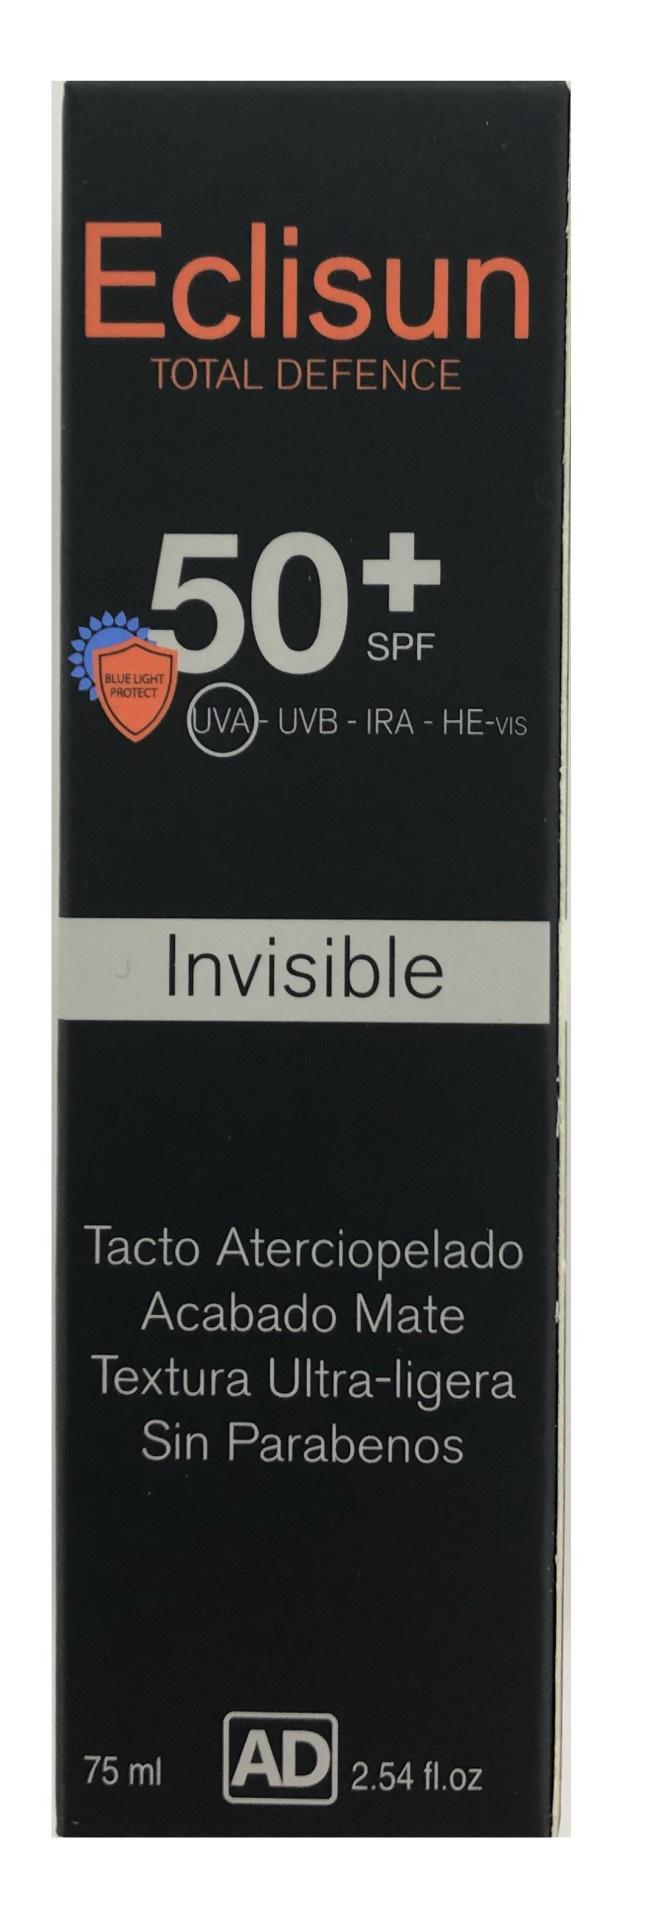 Eclisun Total Defence Invisible SPF50+